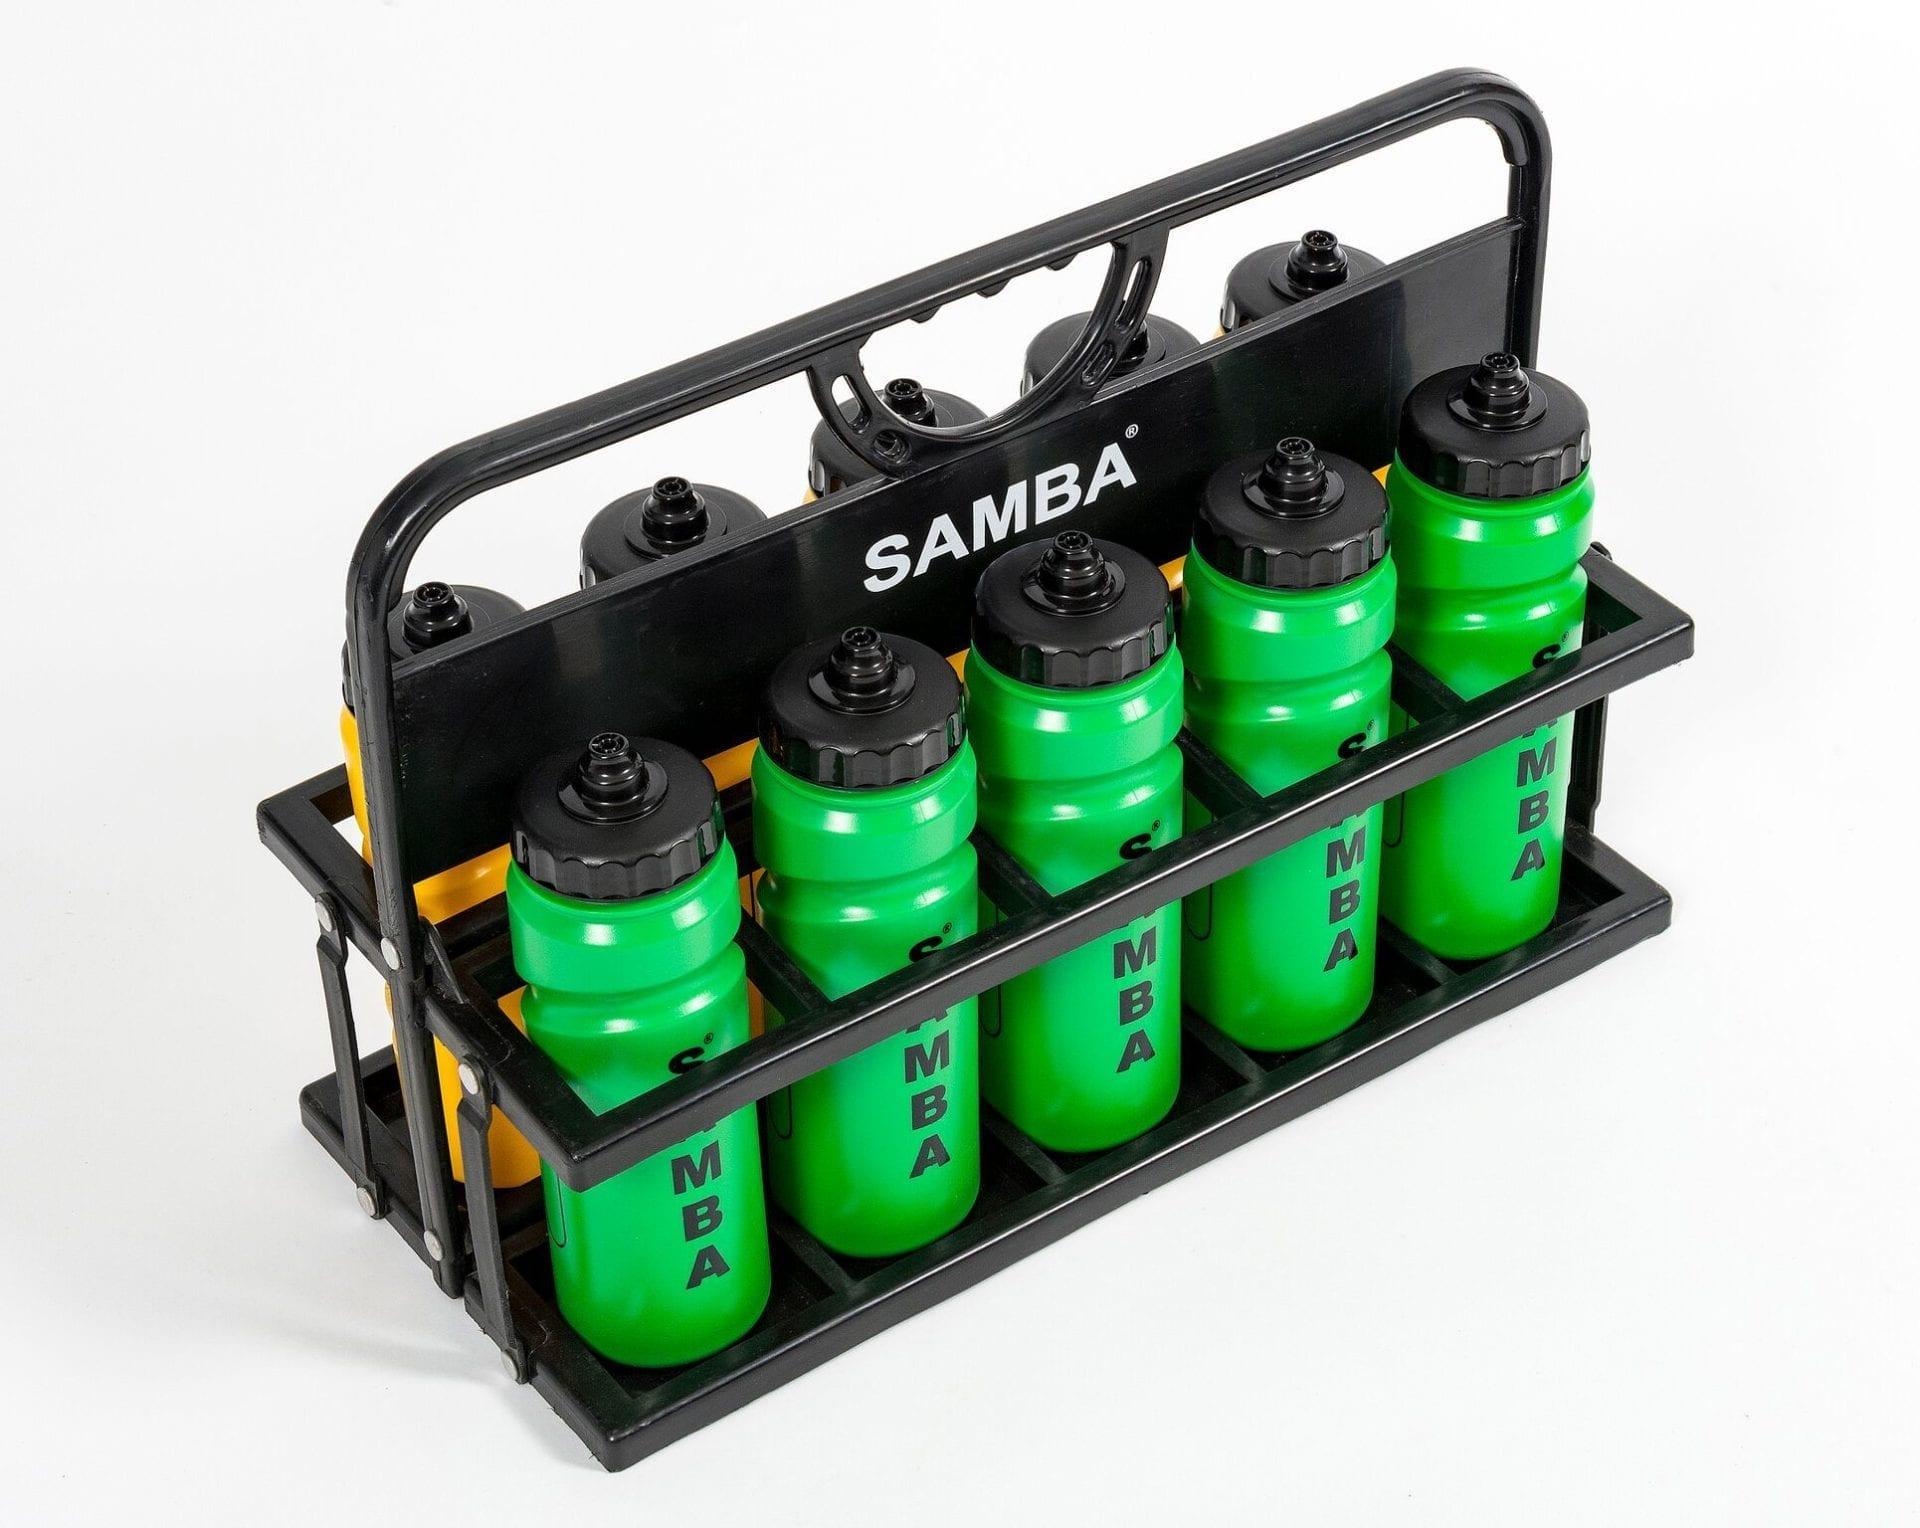 samba folding bottle carrier 35313 p scaled